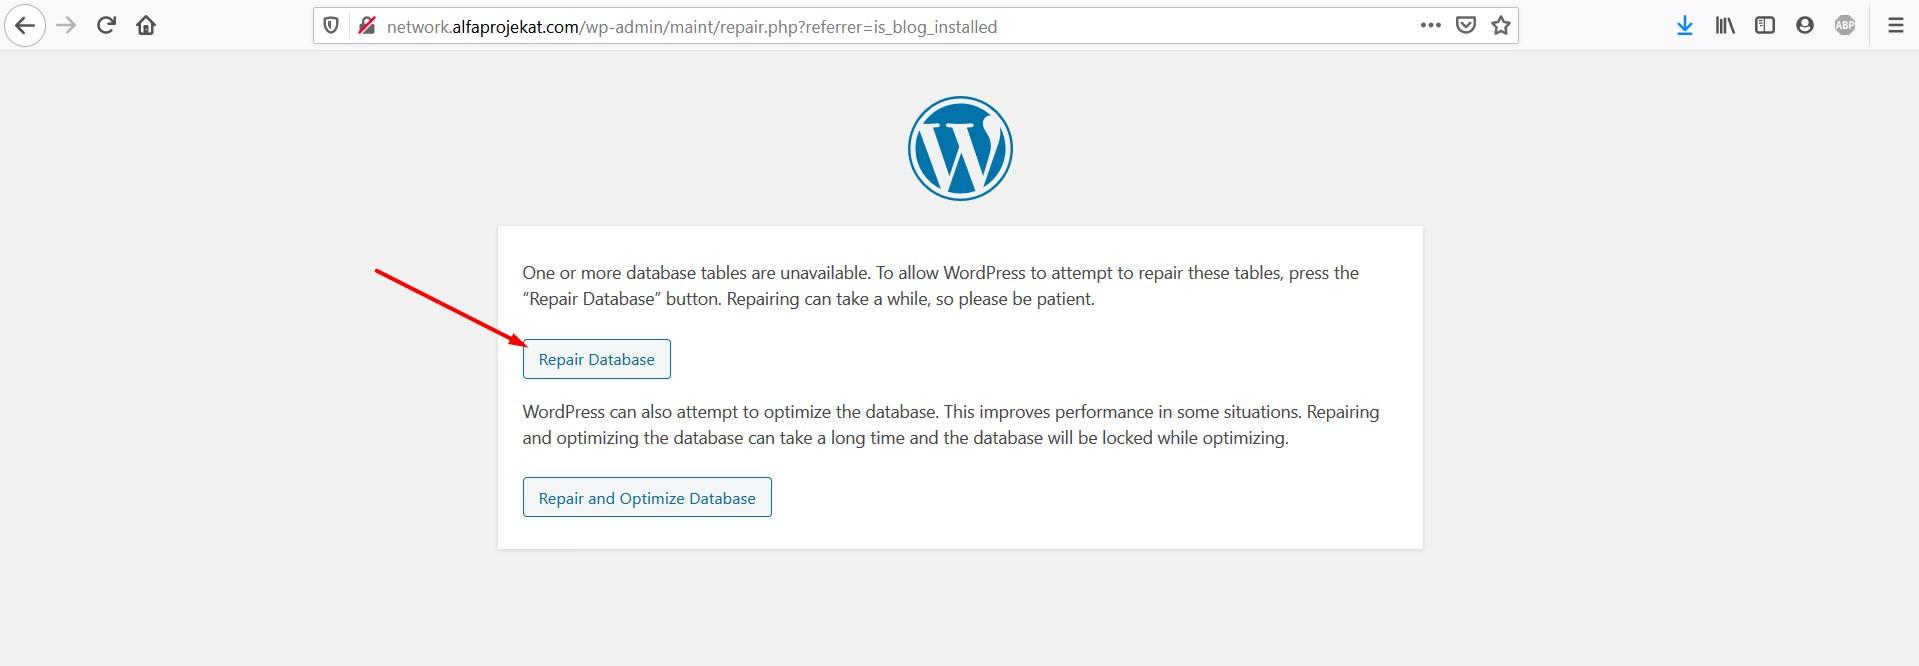 repair-database-wordpress-problem-fix